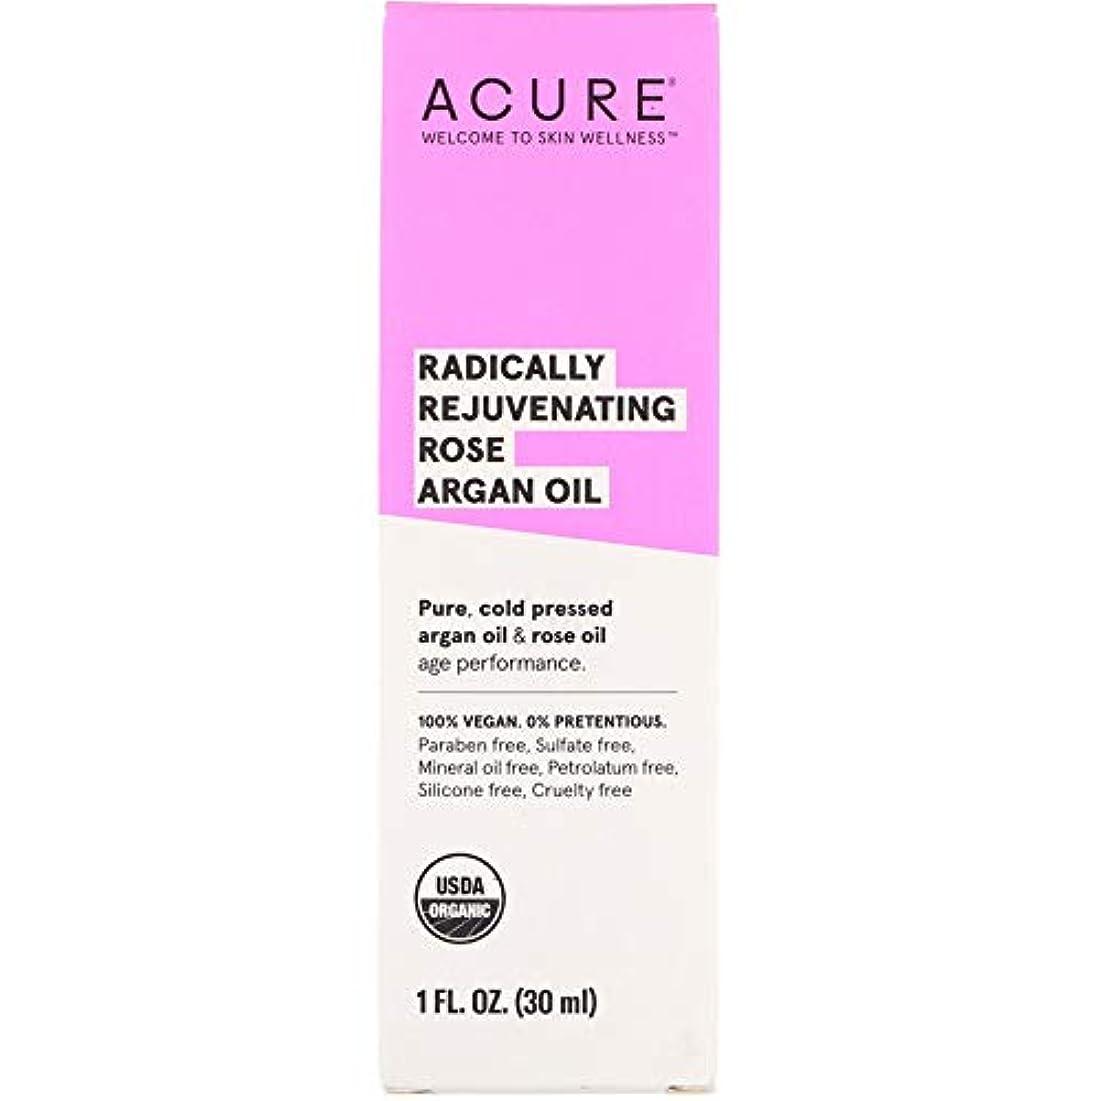 粗い通訳手荷物Acure Organics, Radically Rejuvenating, Rose Argan Oil, 1 fl oz ローズアルガンオイル (30 ml) [並行輸入品]